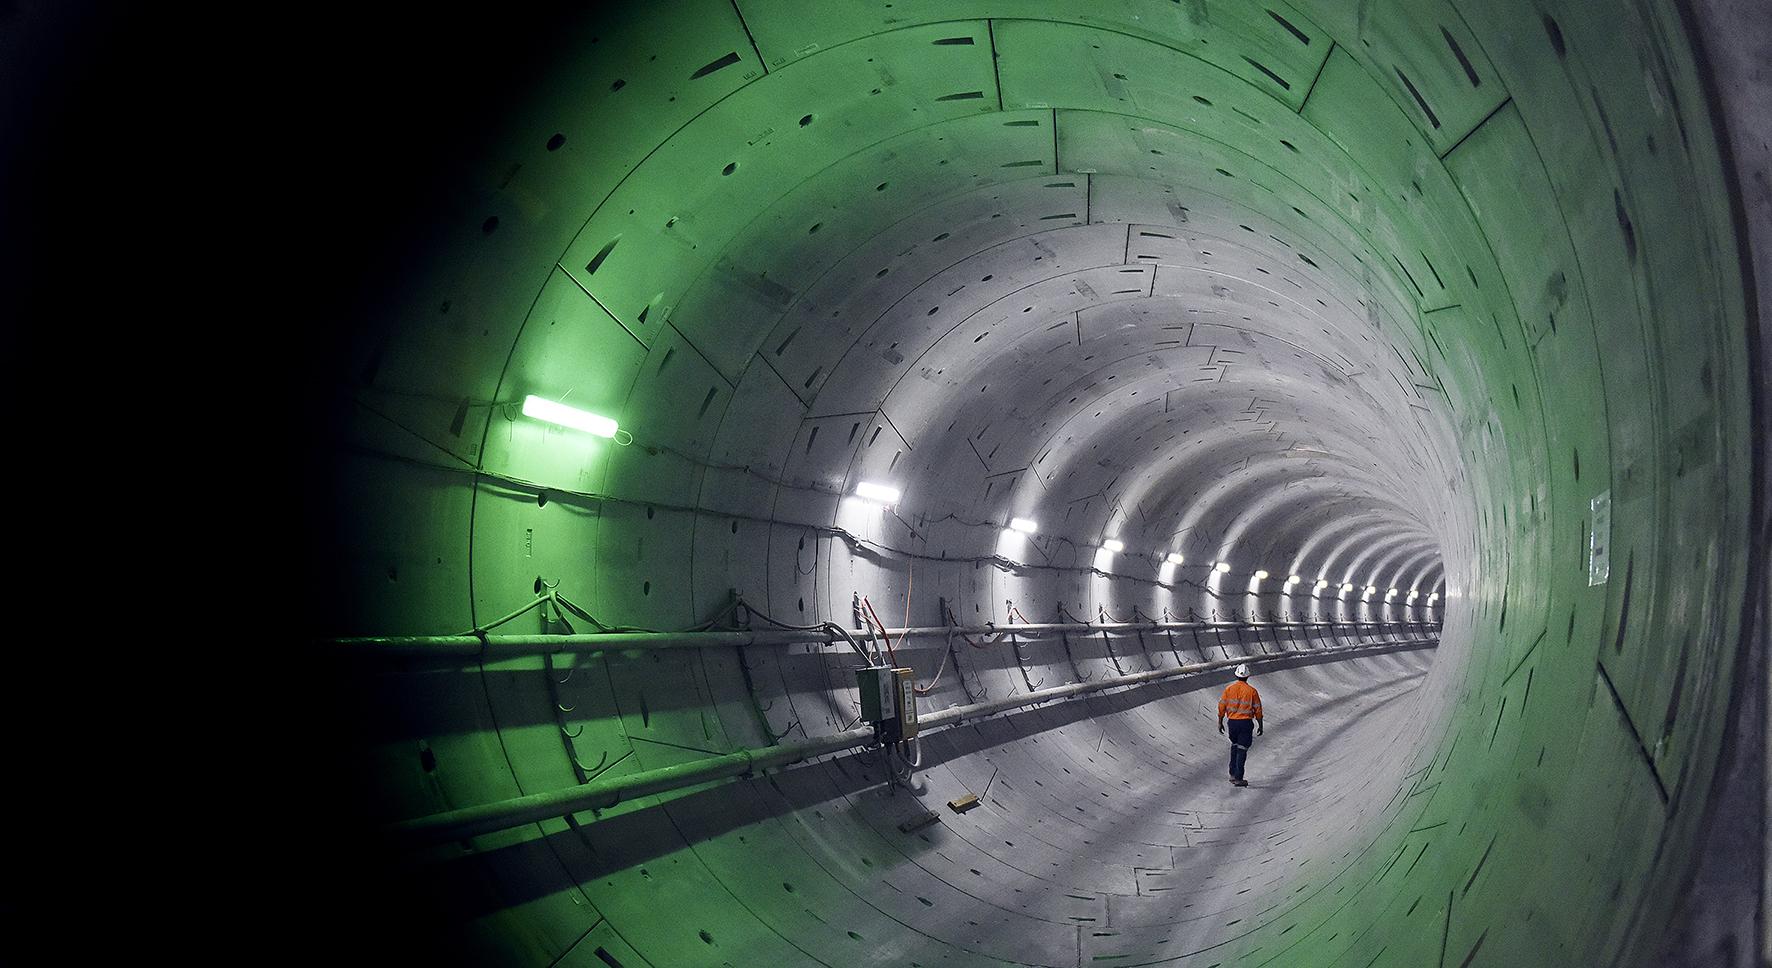 Sydney_metro_-_tunnels_-_june_2016_-_green_light